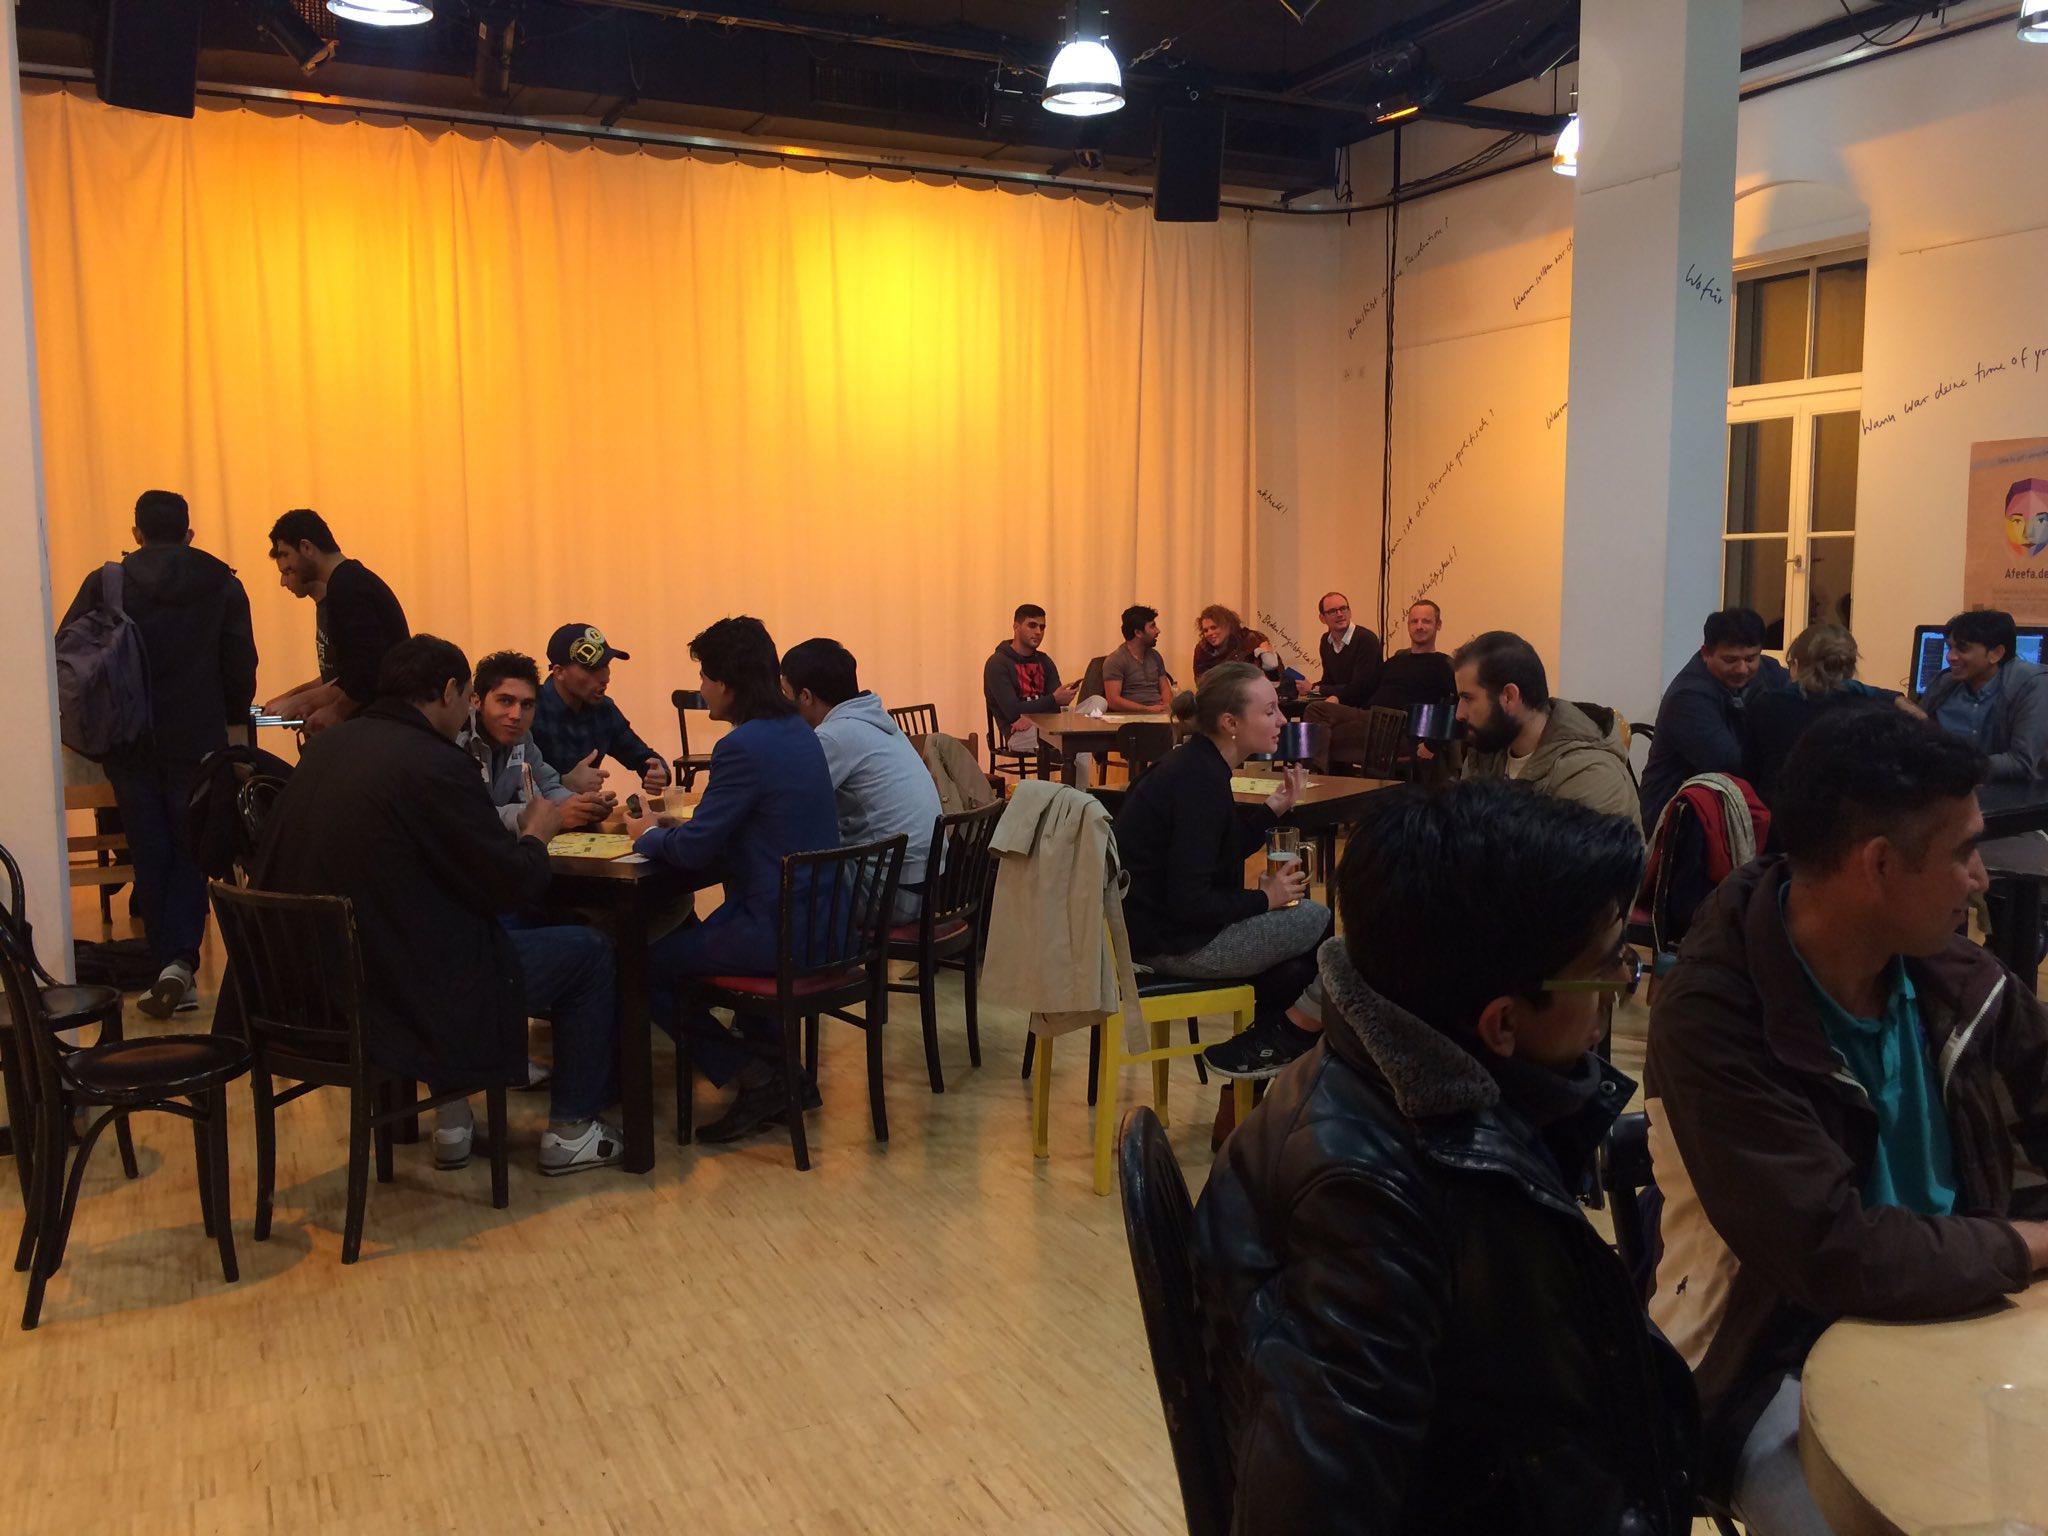 Die #ddss16 zu Gast im #Montagscafé @schauspielDD https://t.co/b34bsNuIBs